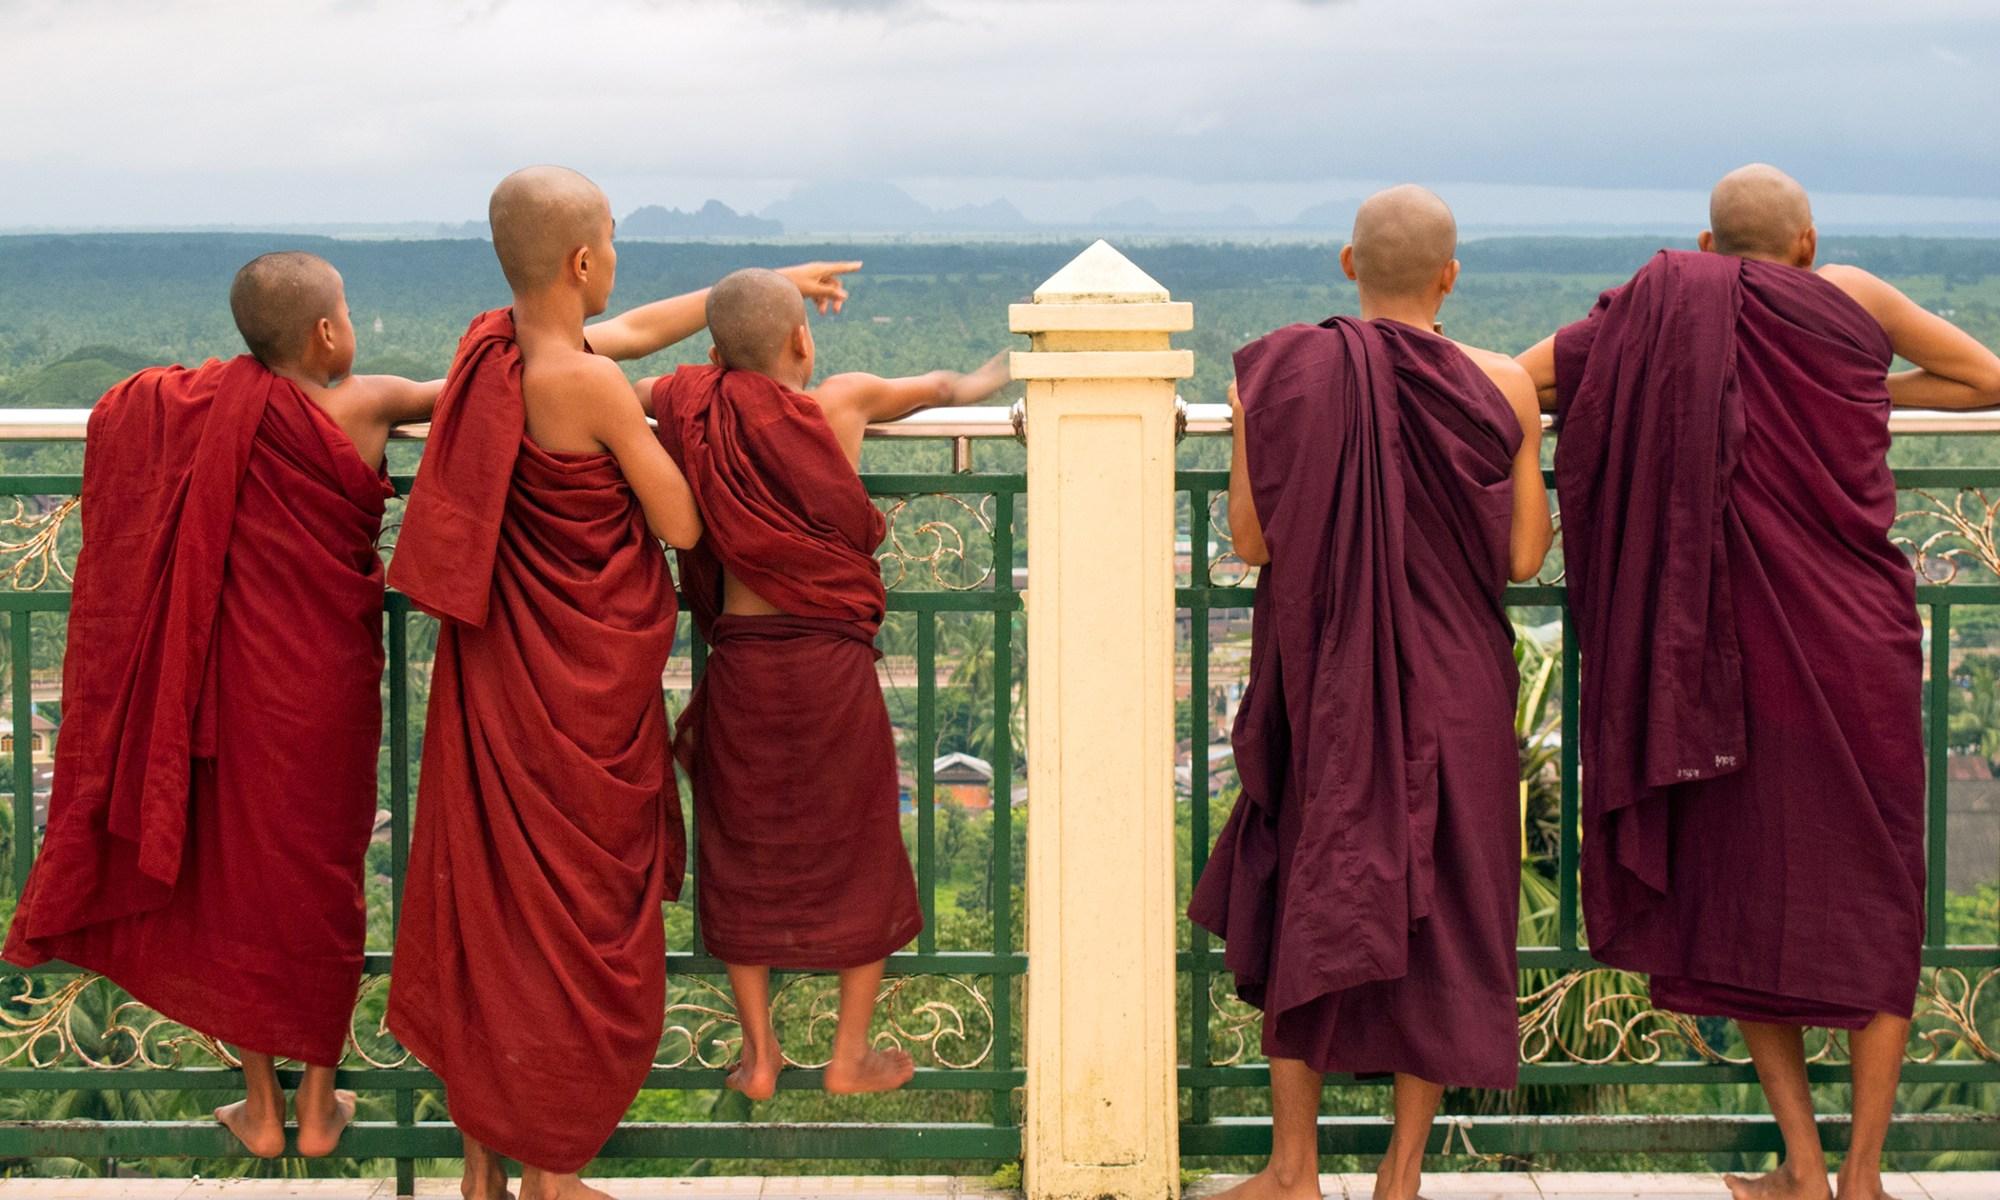 Team of Monks